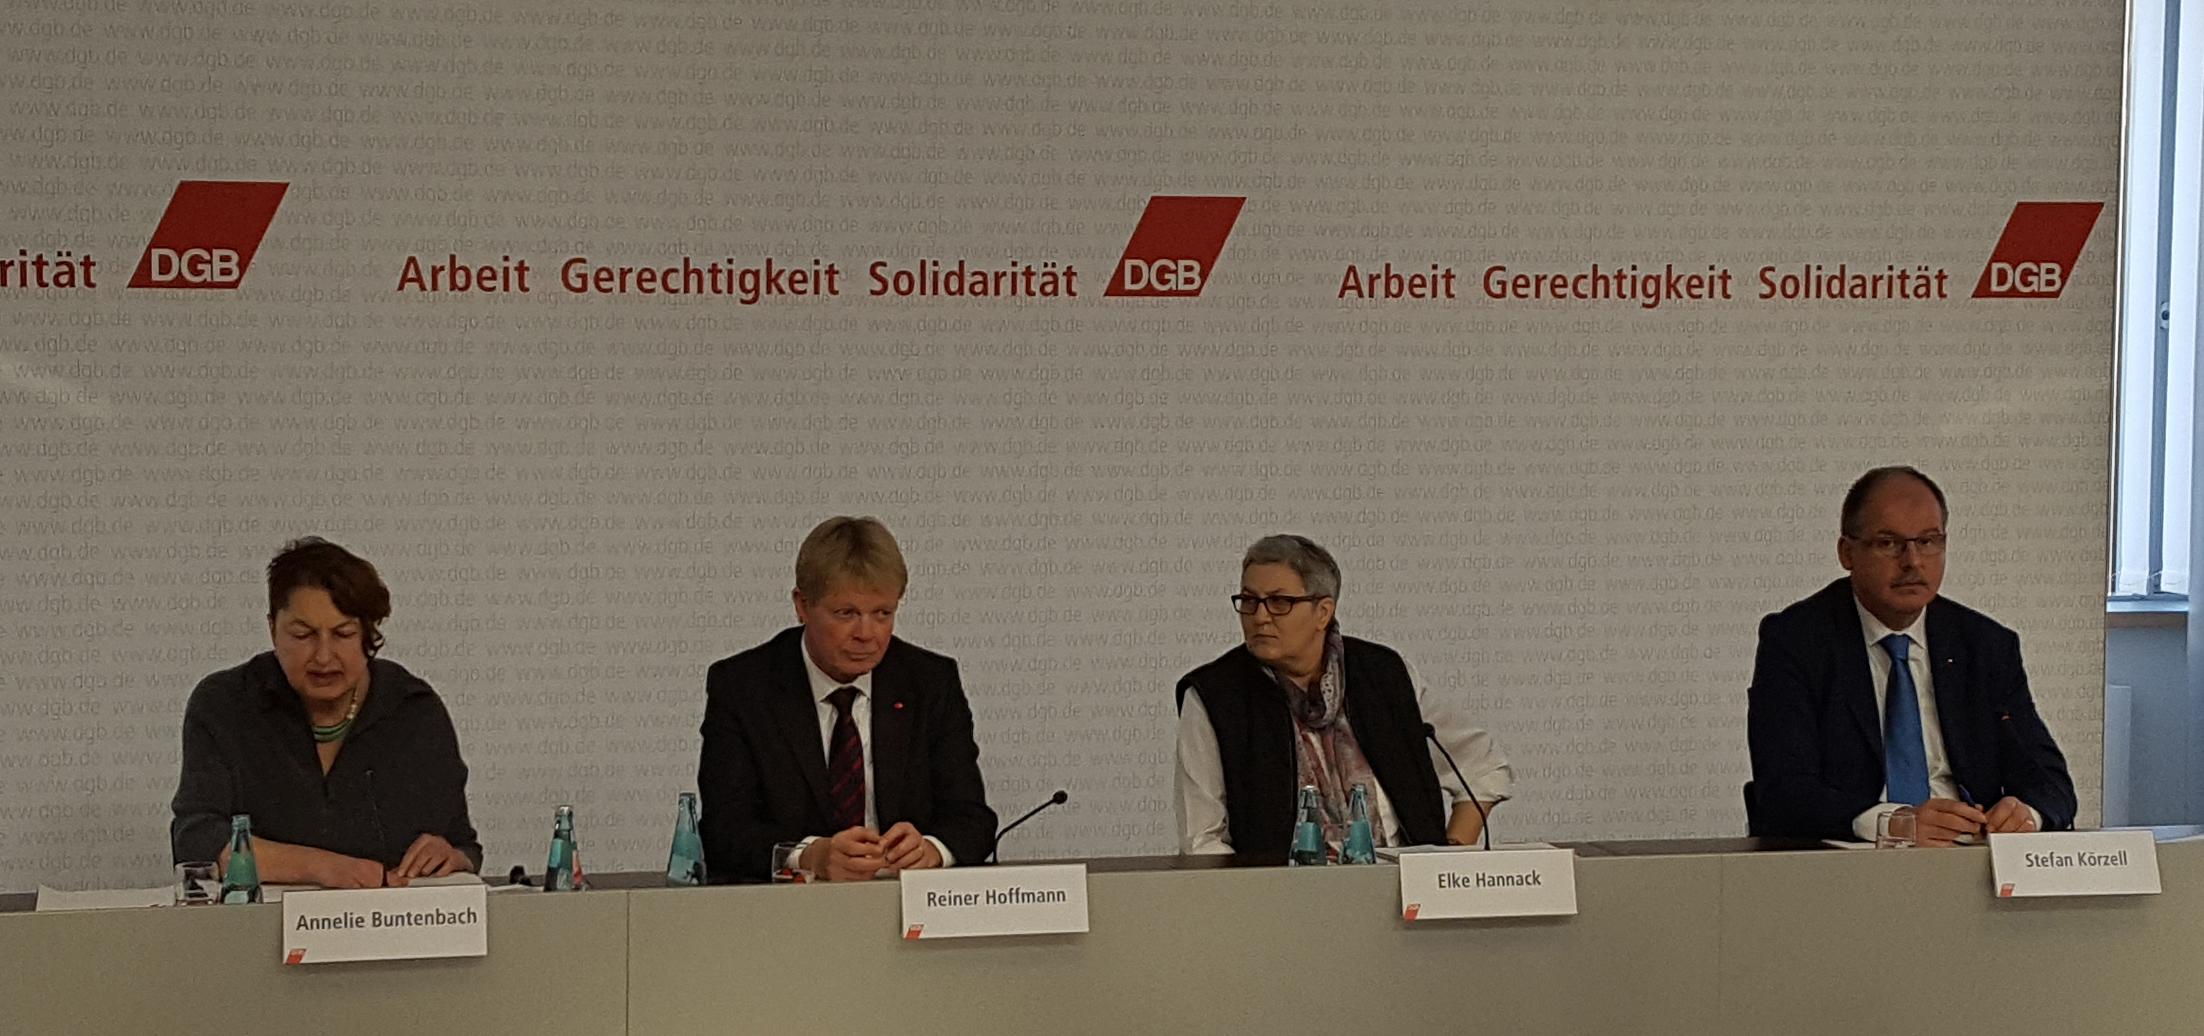 Reiner Hoffmann DGB-Jahresauftakt Pressekonferenz